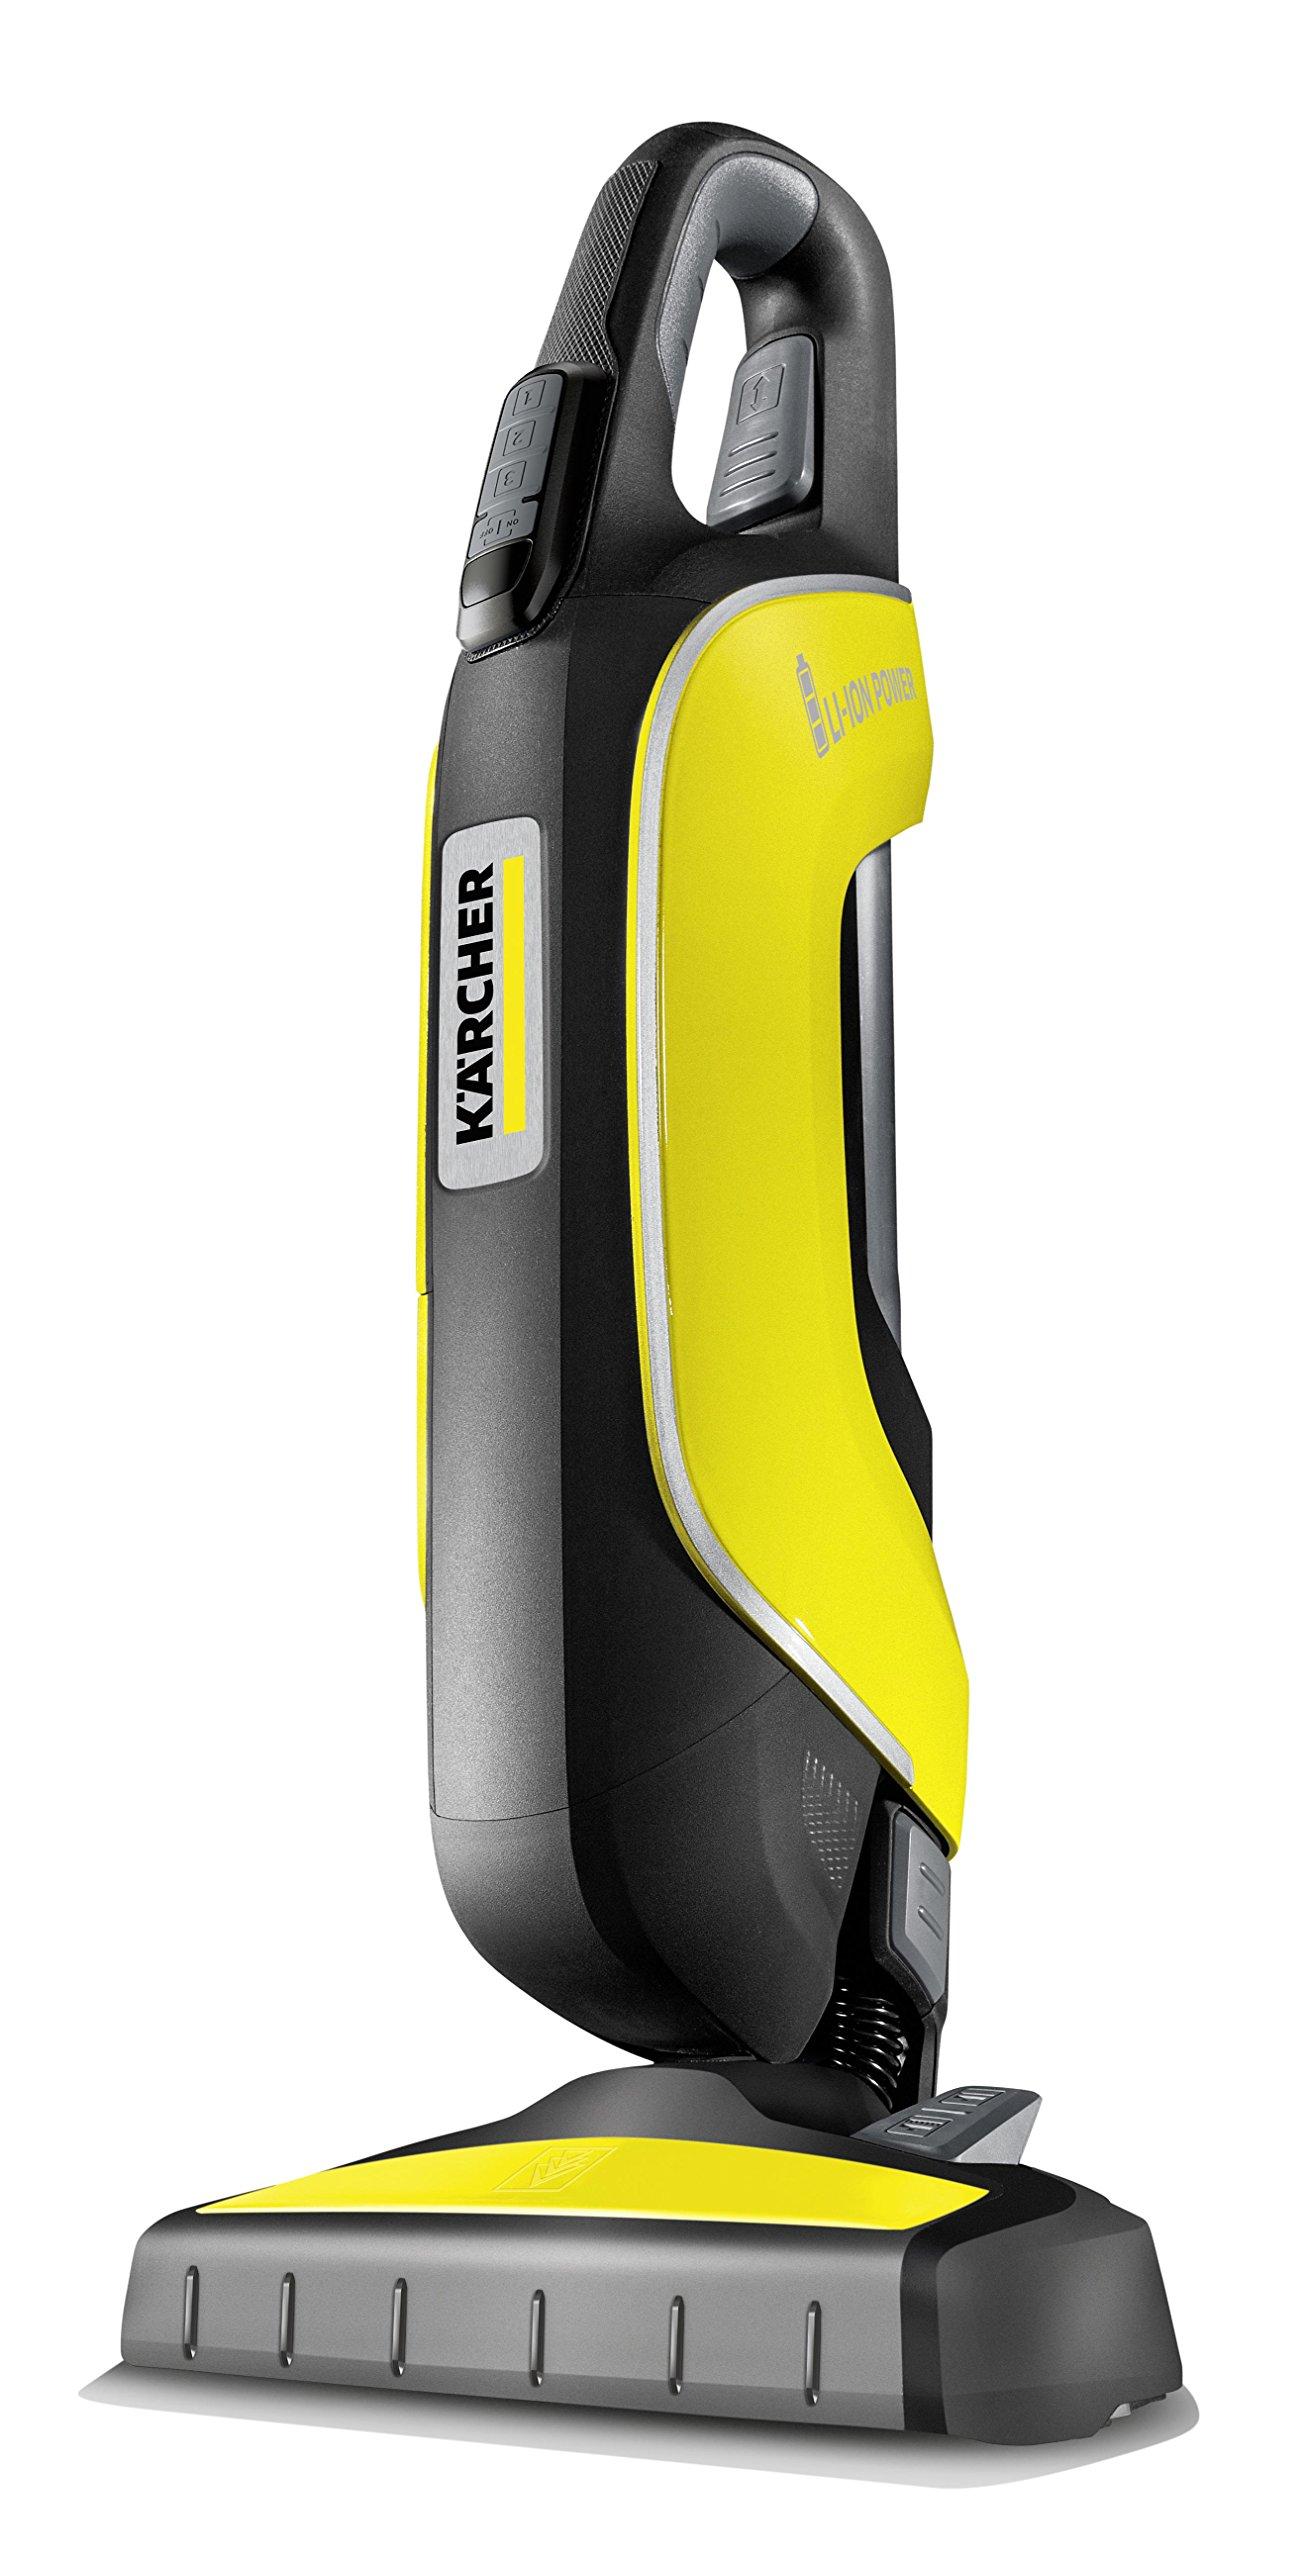 Kärcher VC 5 Cordless Premium Staubsauger kompakt ohne Kabel und ohne Beutel, 47 W, 75,5 Dezibel, Schwarz, Gelb